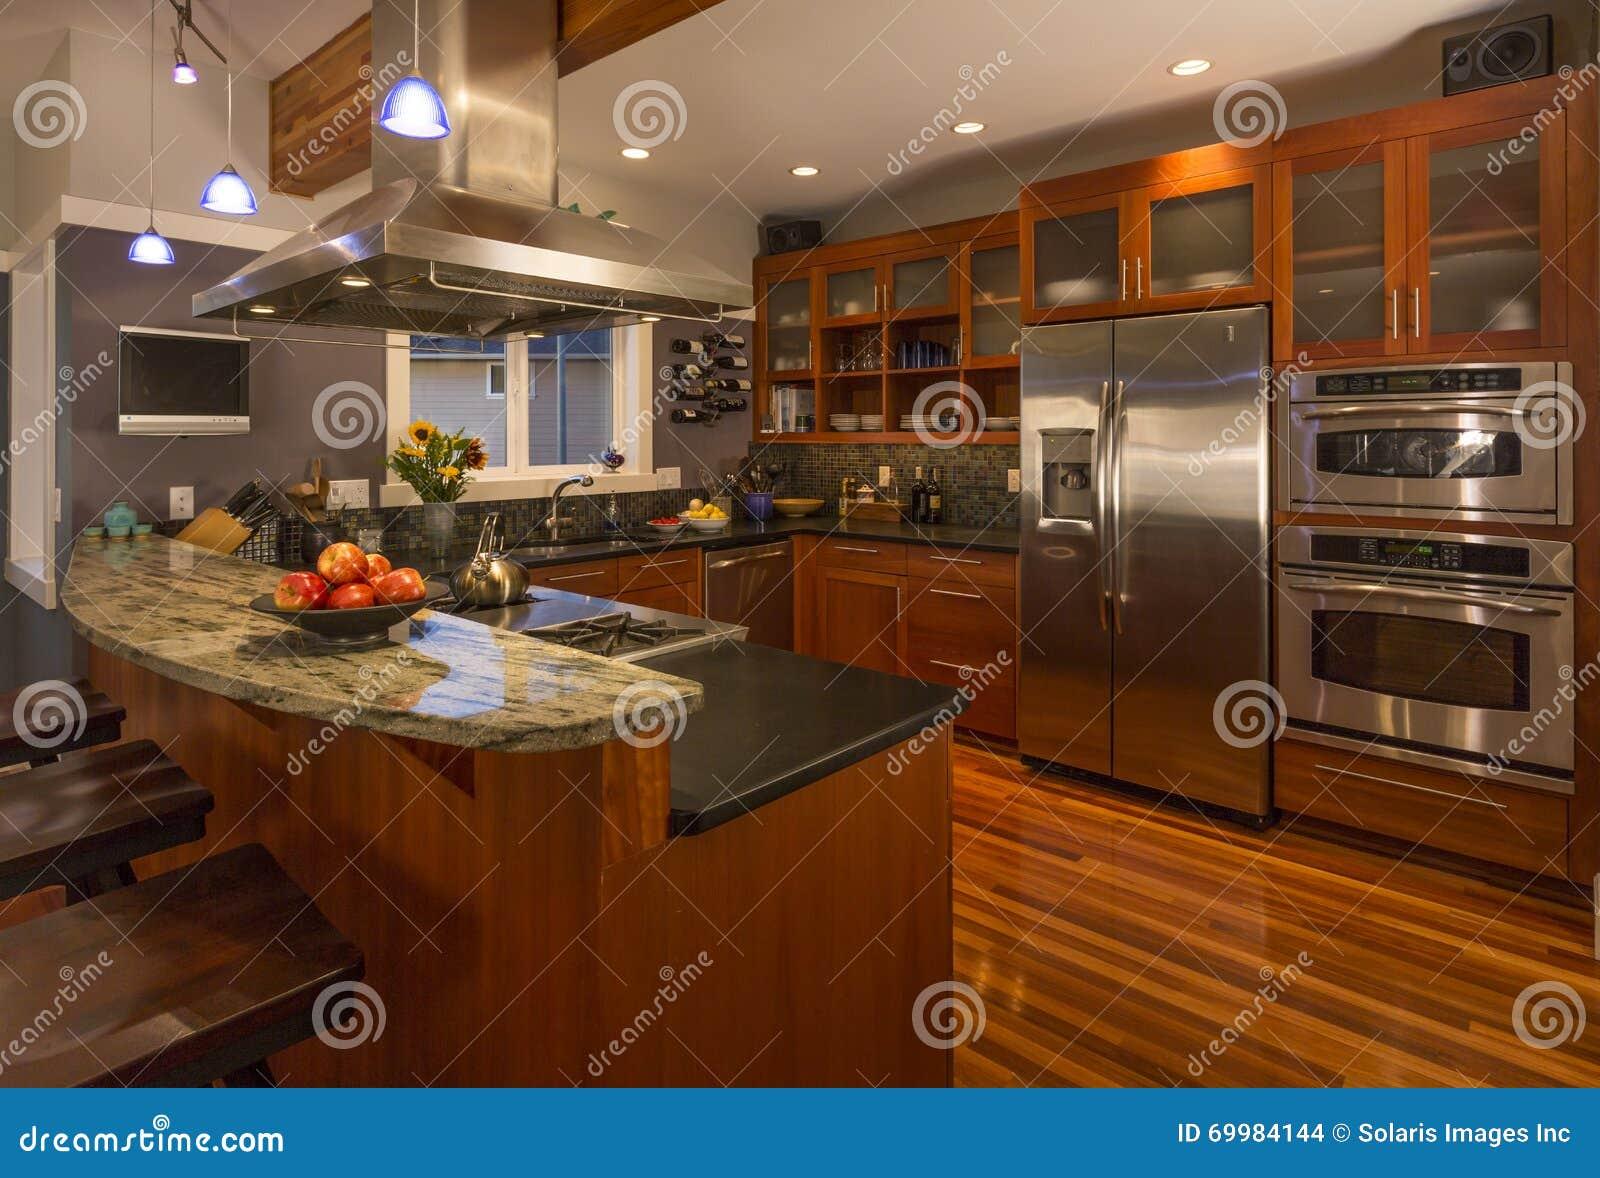 Illuminazione Controsoffitto Cucina: Come Disporre I Punti Luce In  #BC460A 1300 974 Cucina In Controsoffitto